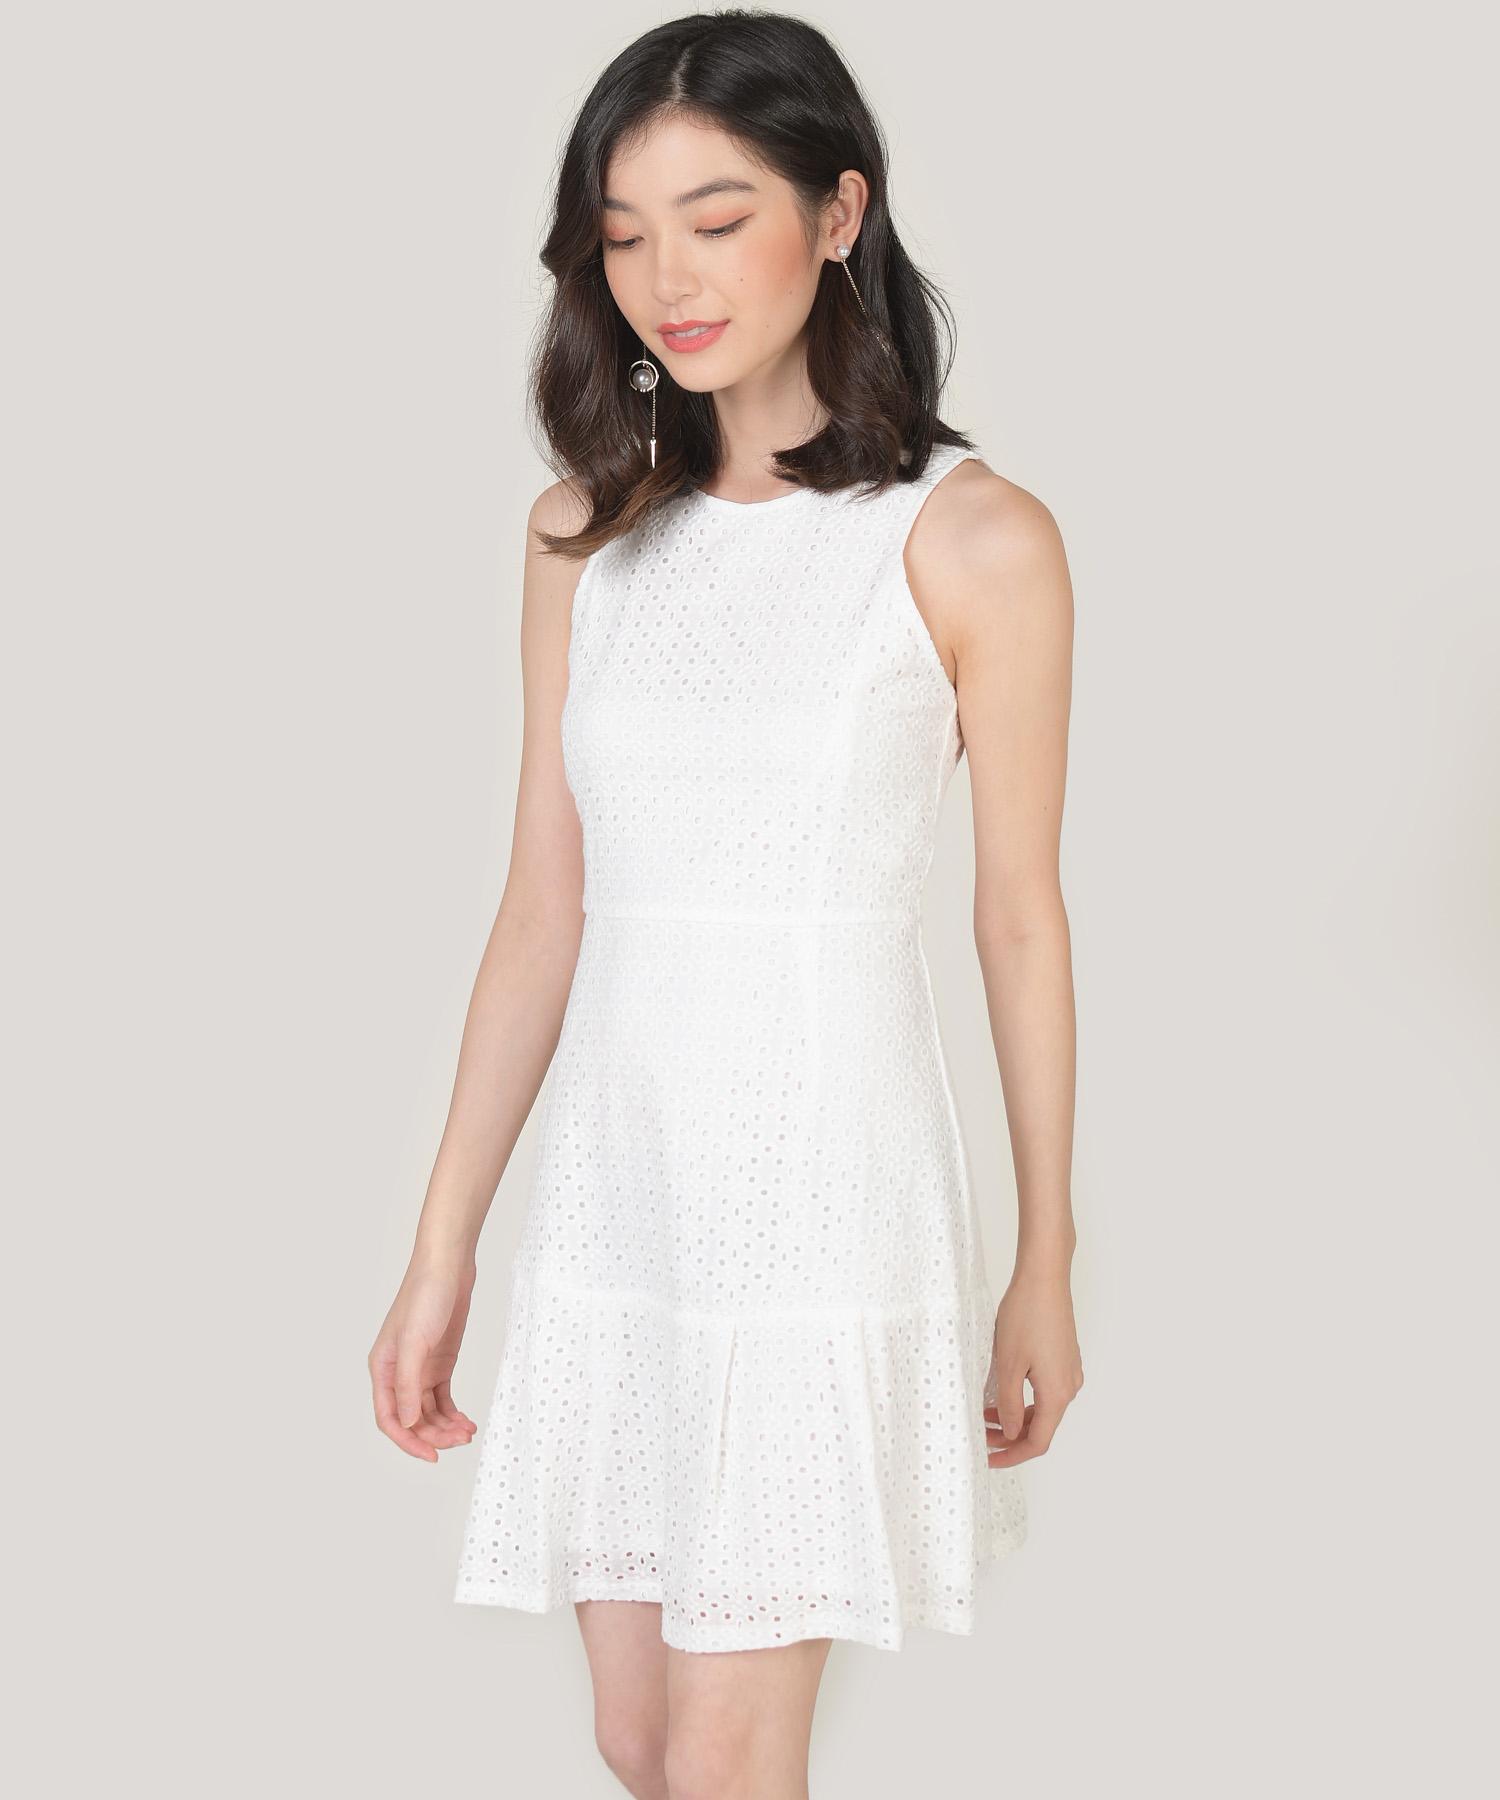 lilah-eyelet-dress-white-1